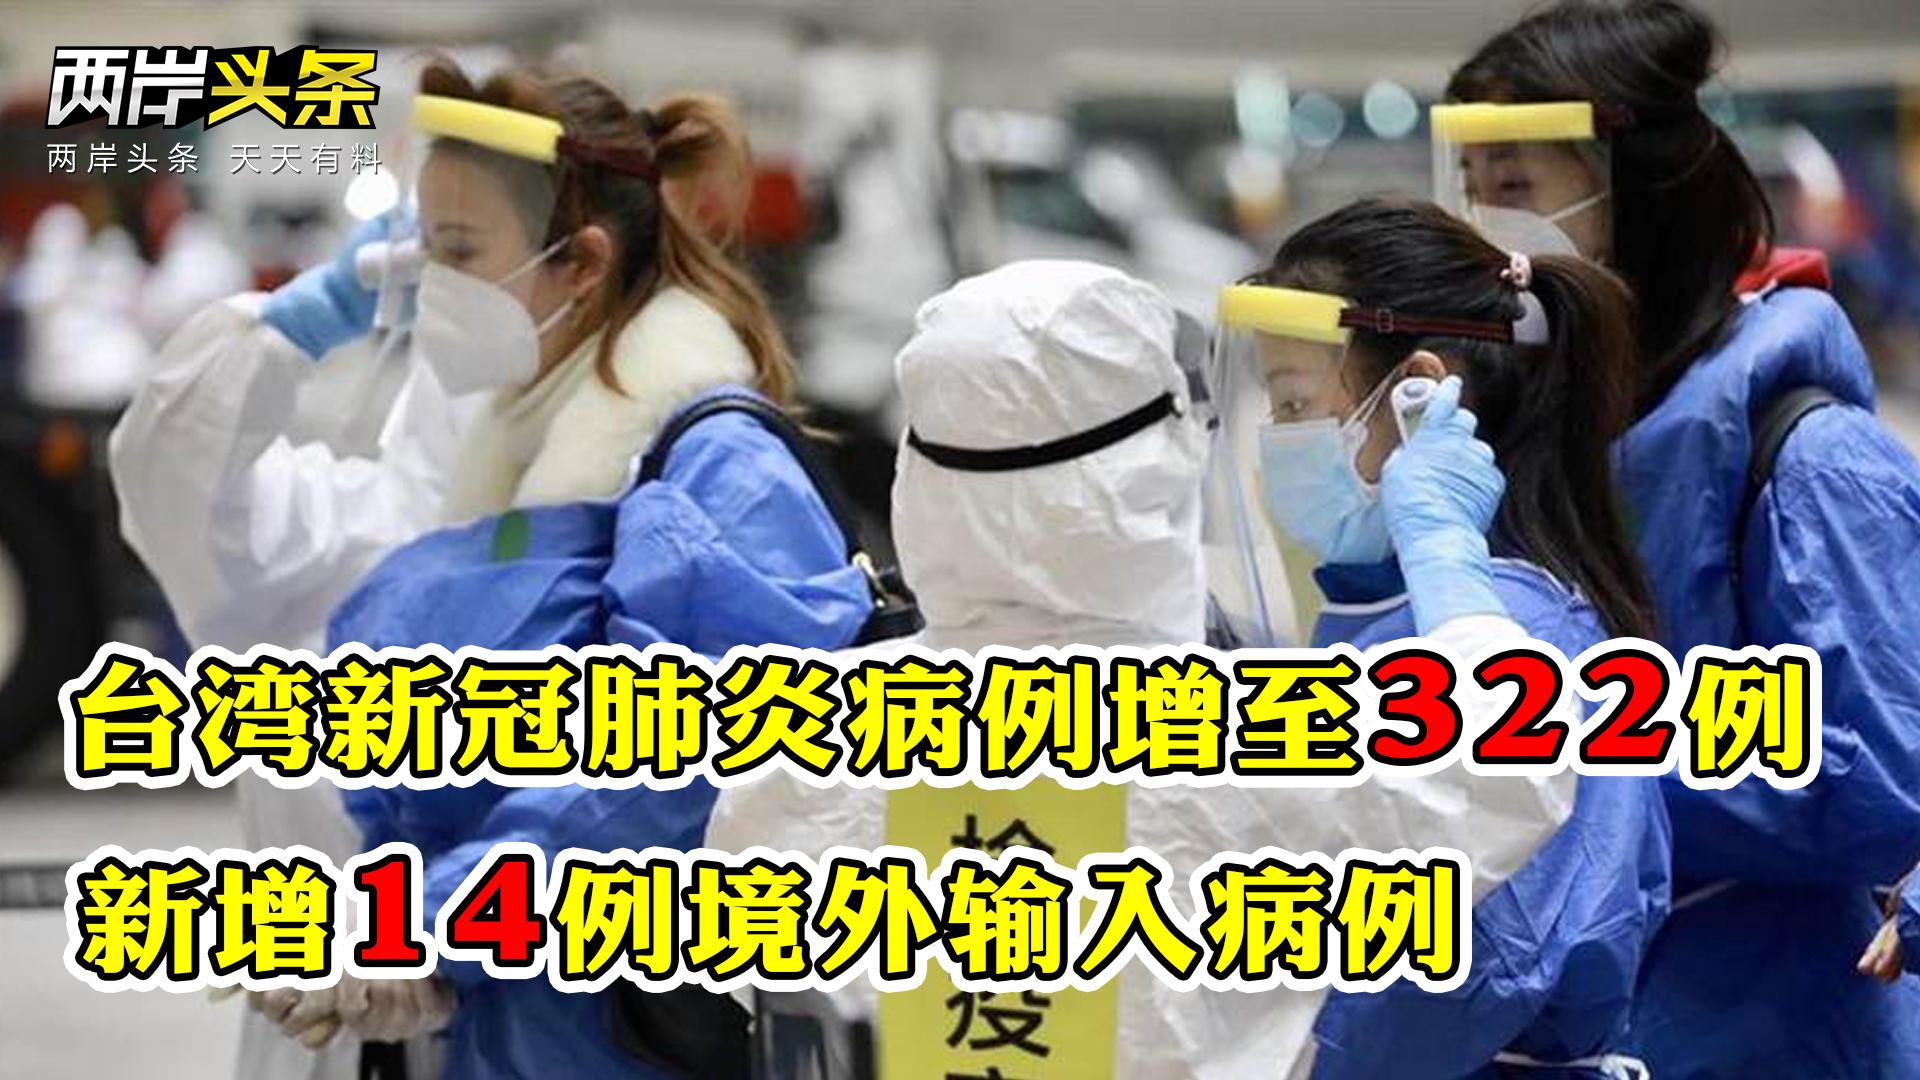 累計322例 臺灣新增16例新冠肺炎確診病例 14例為境外輸入圖片